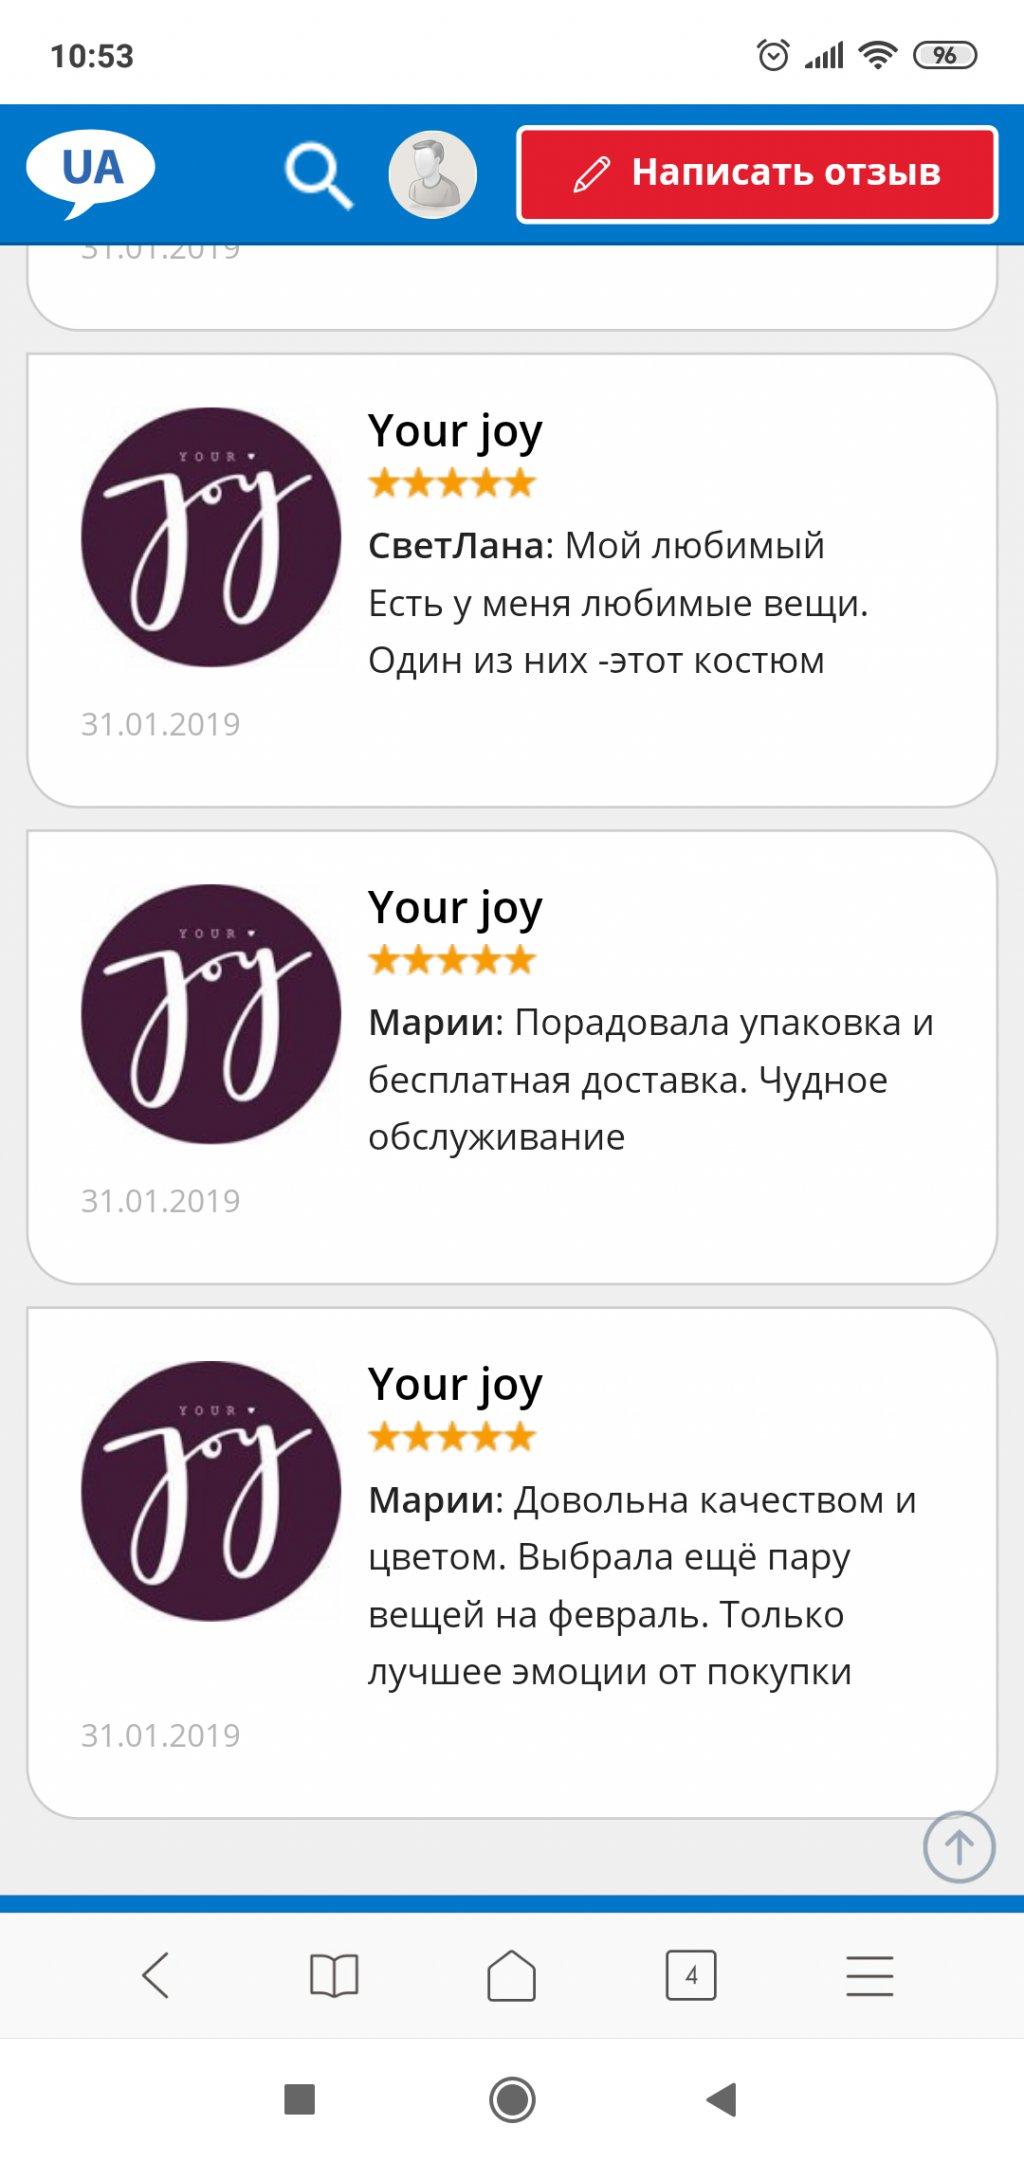 Your joy - Куплені позитивні відгуки тут!!!